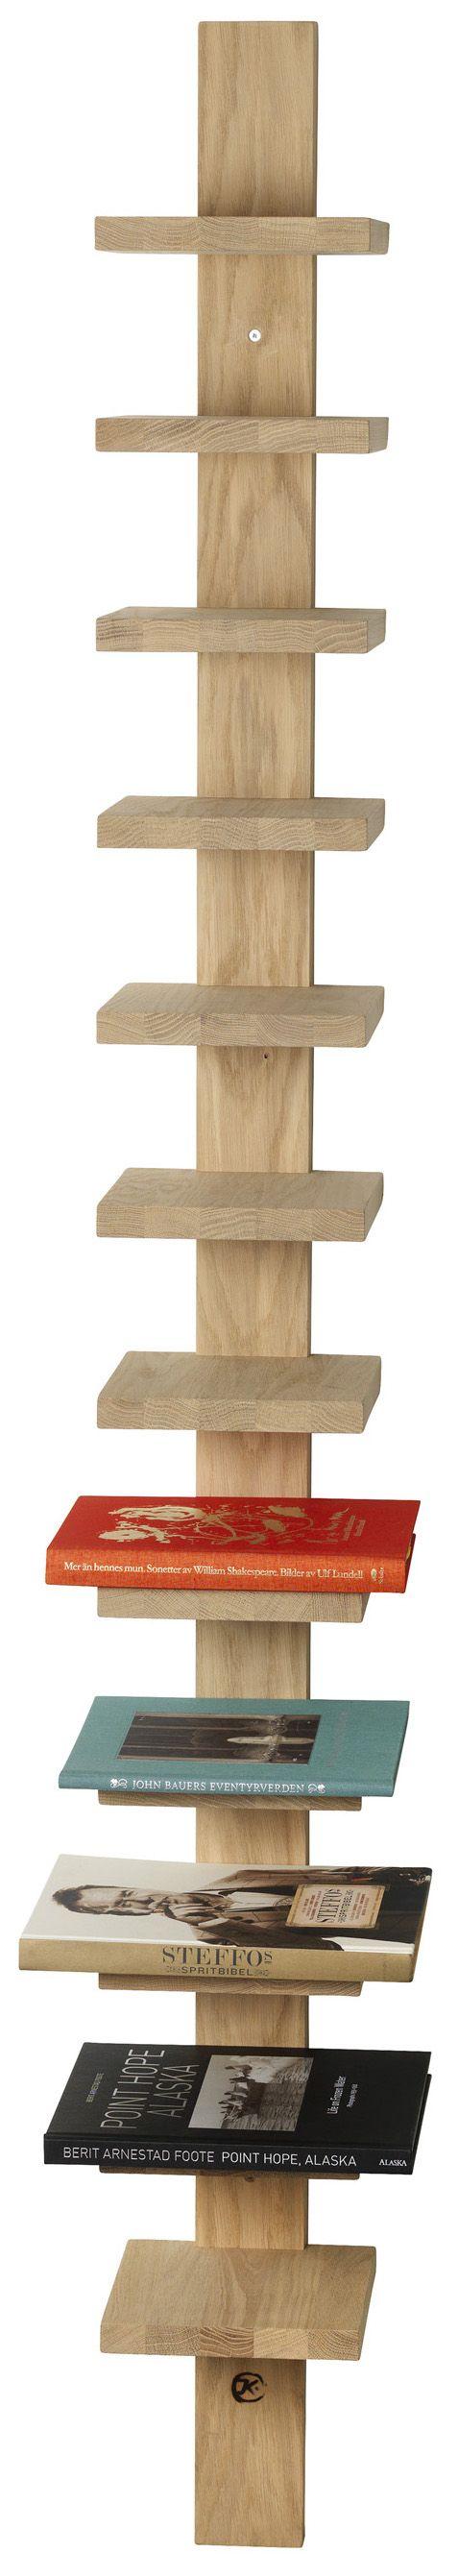 Källemo - Pilaster Shelf - design John Kandell